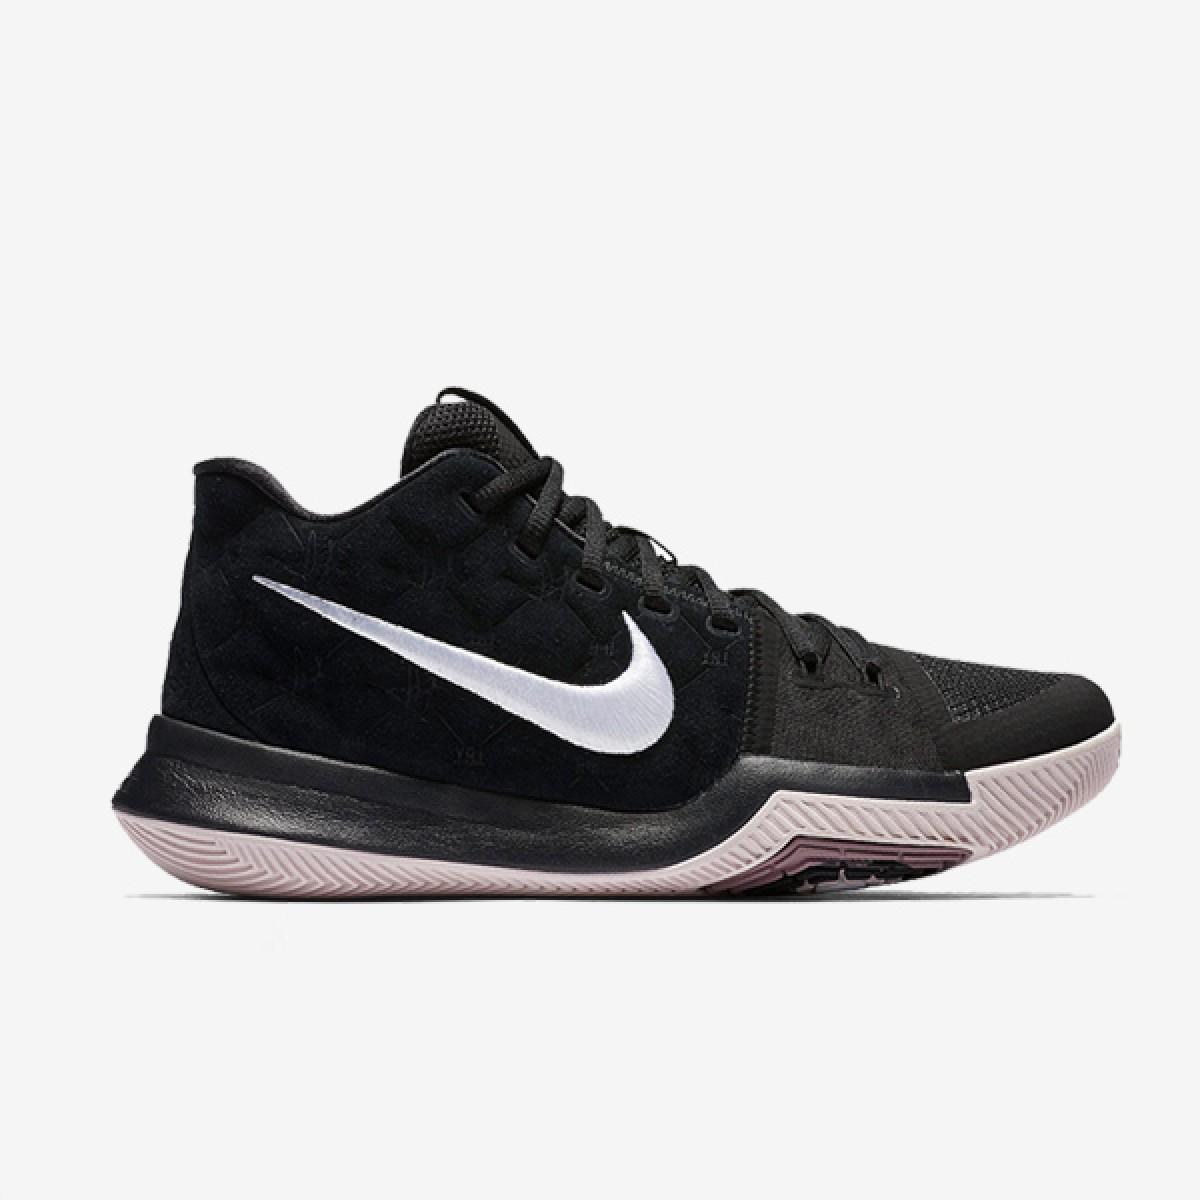 Nike Kyrie 3 'Silt'